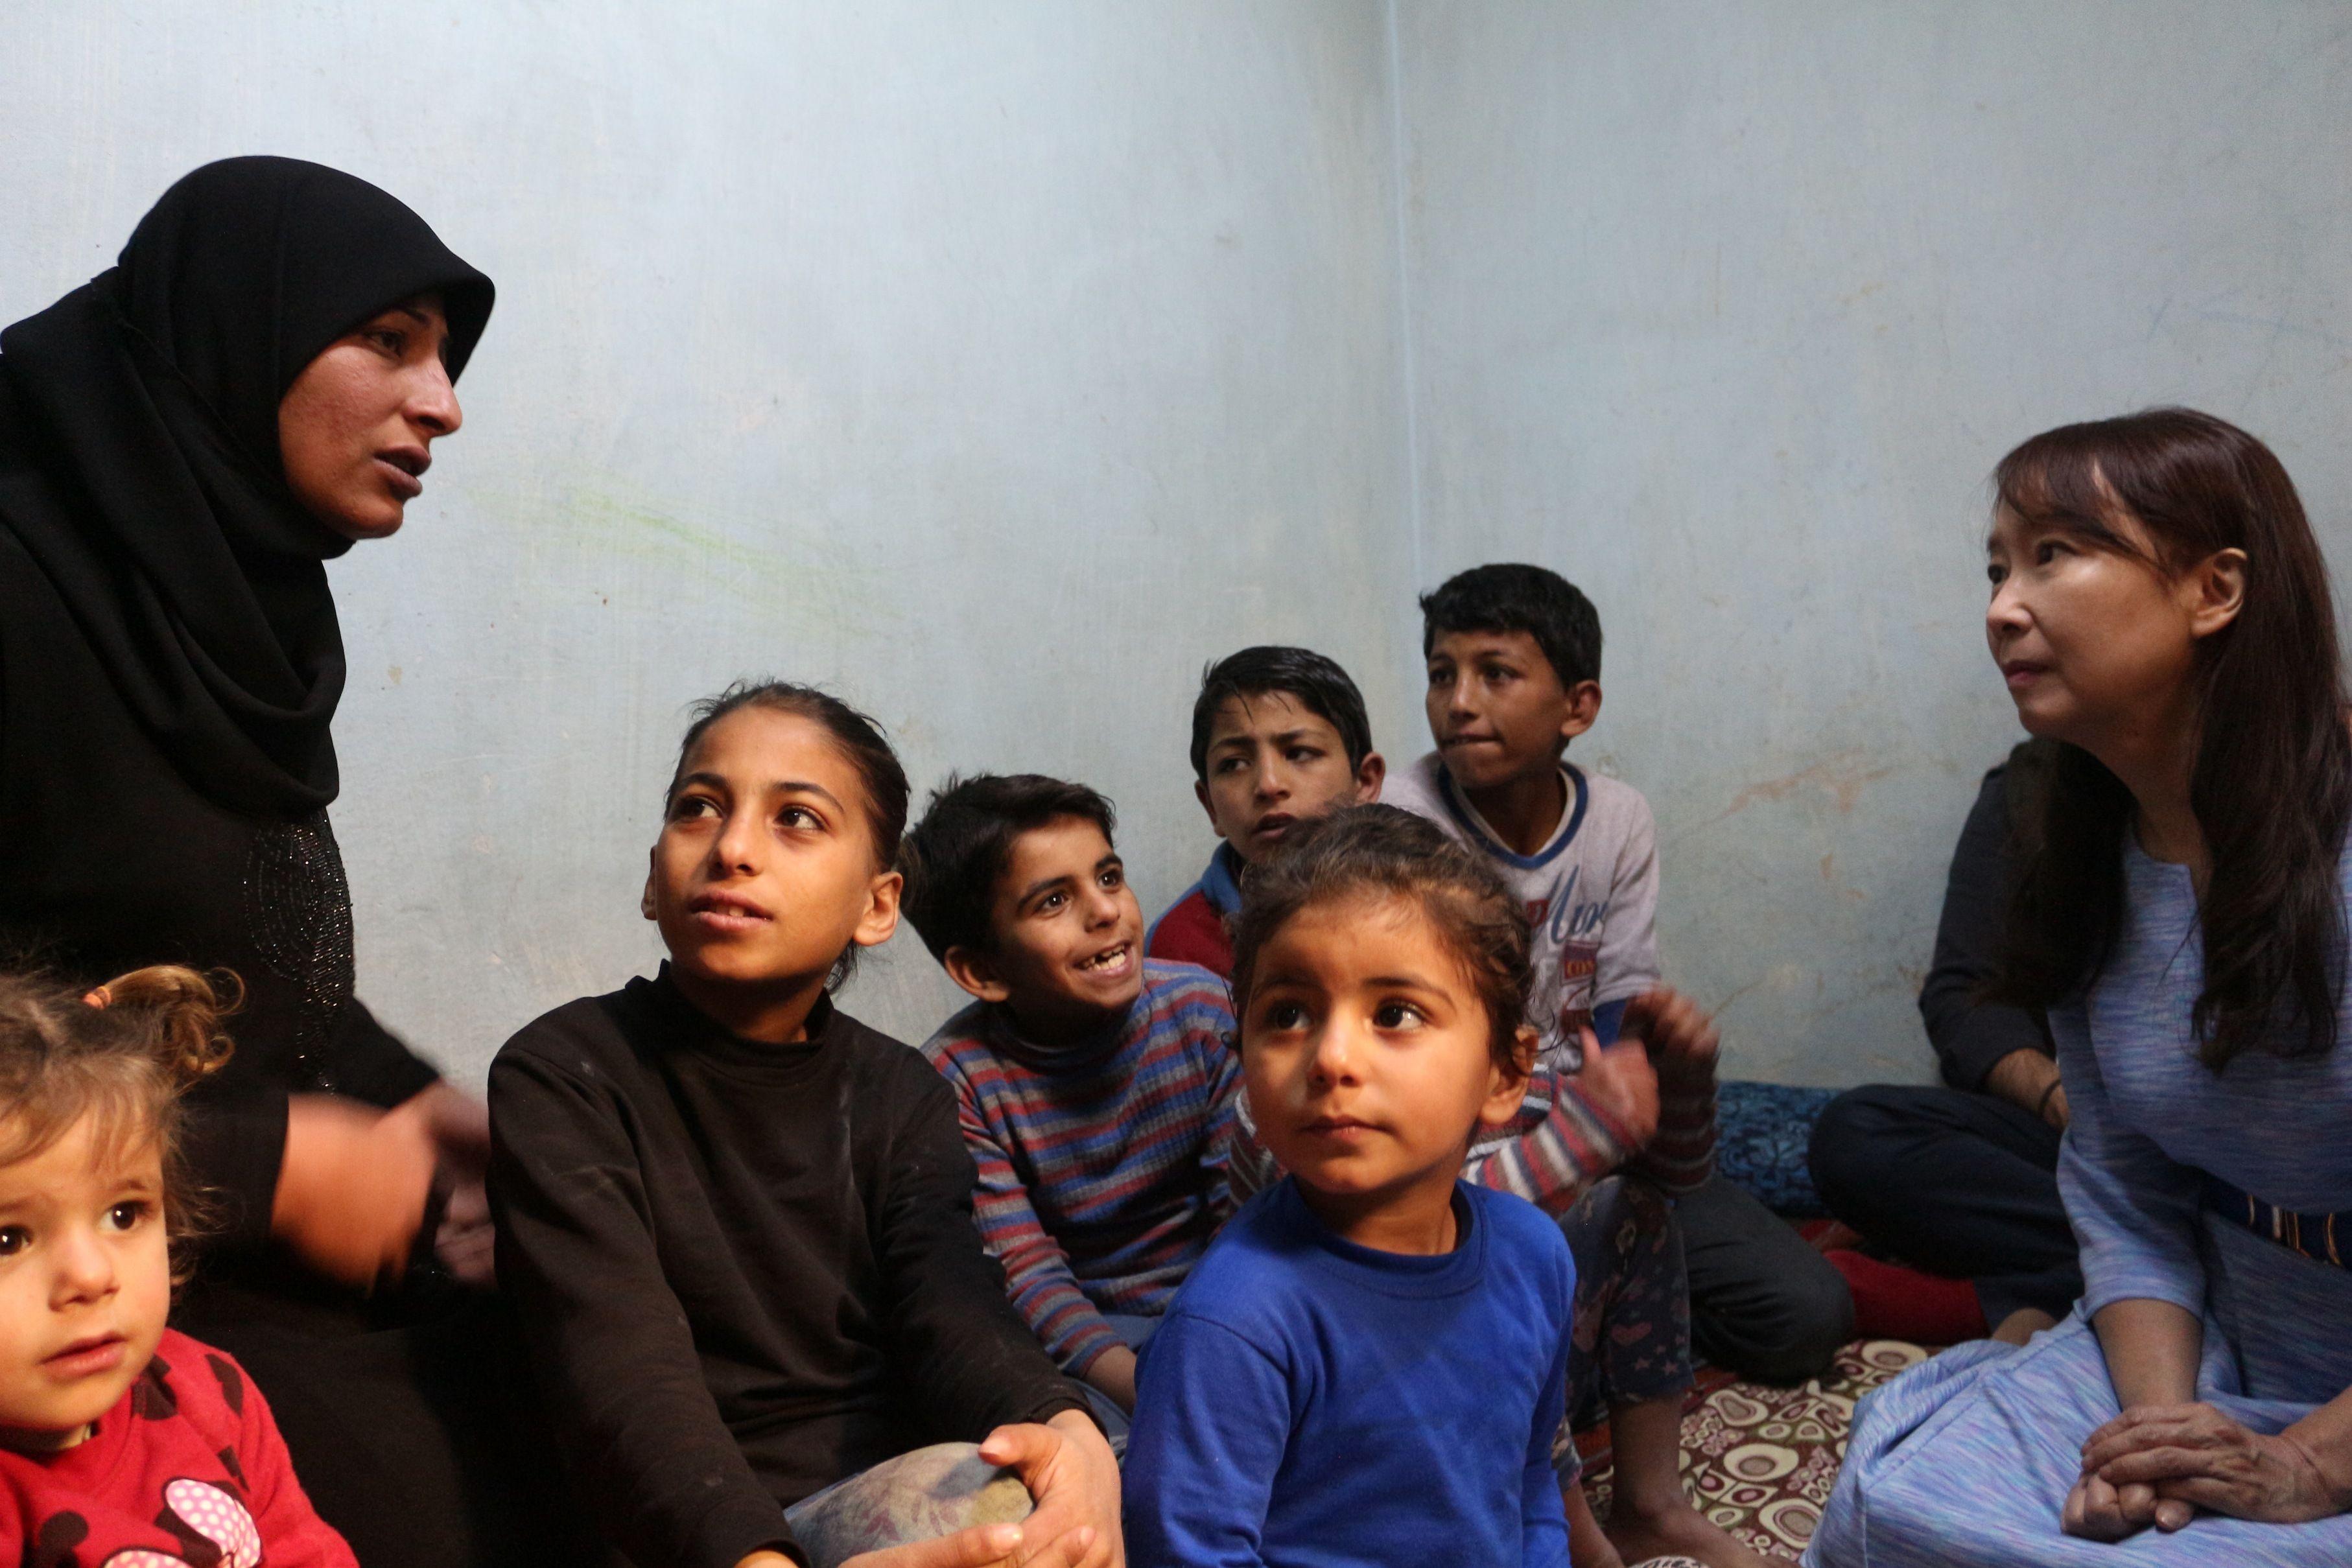 アグネス・チャンも思わず涙…シリア難民キャンプの今